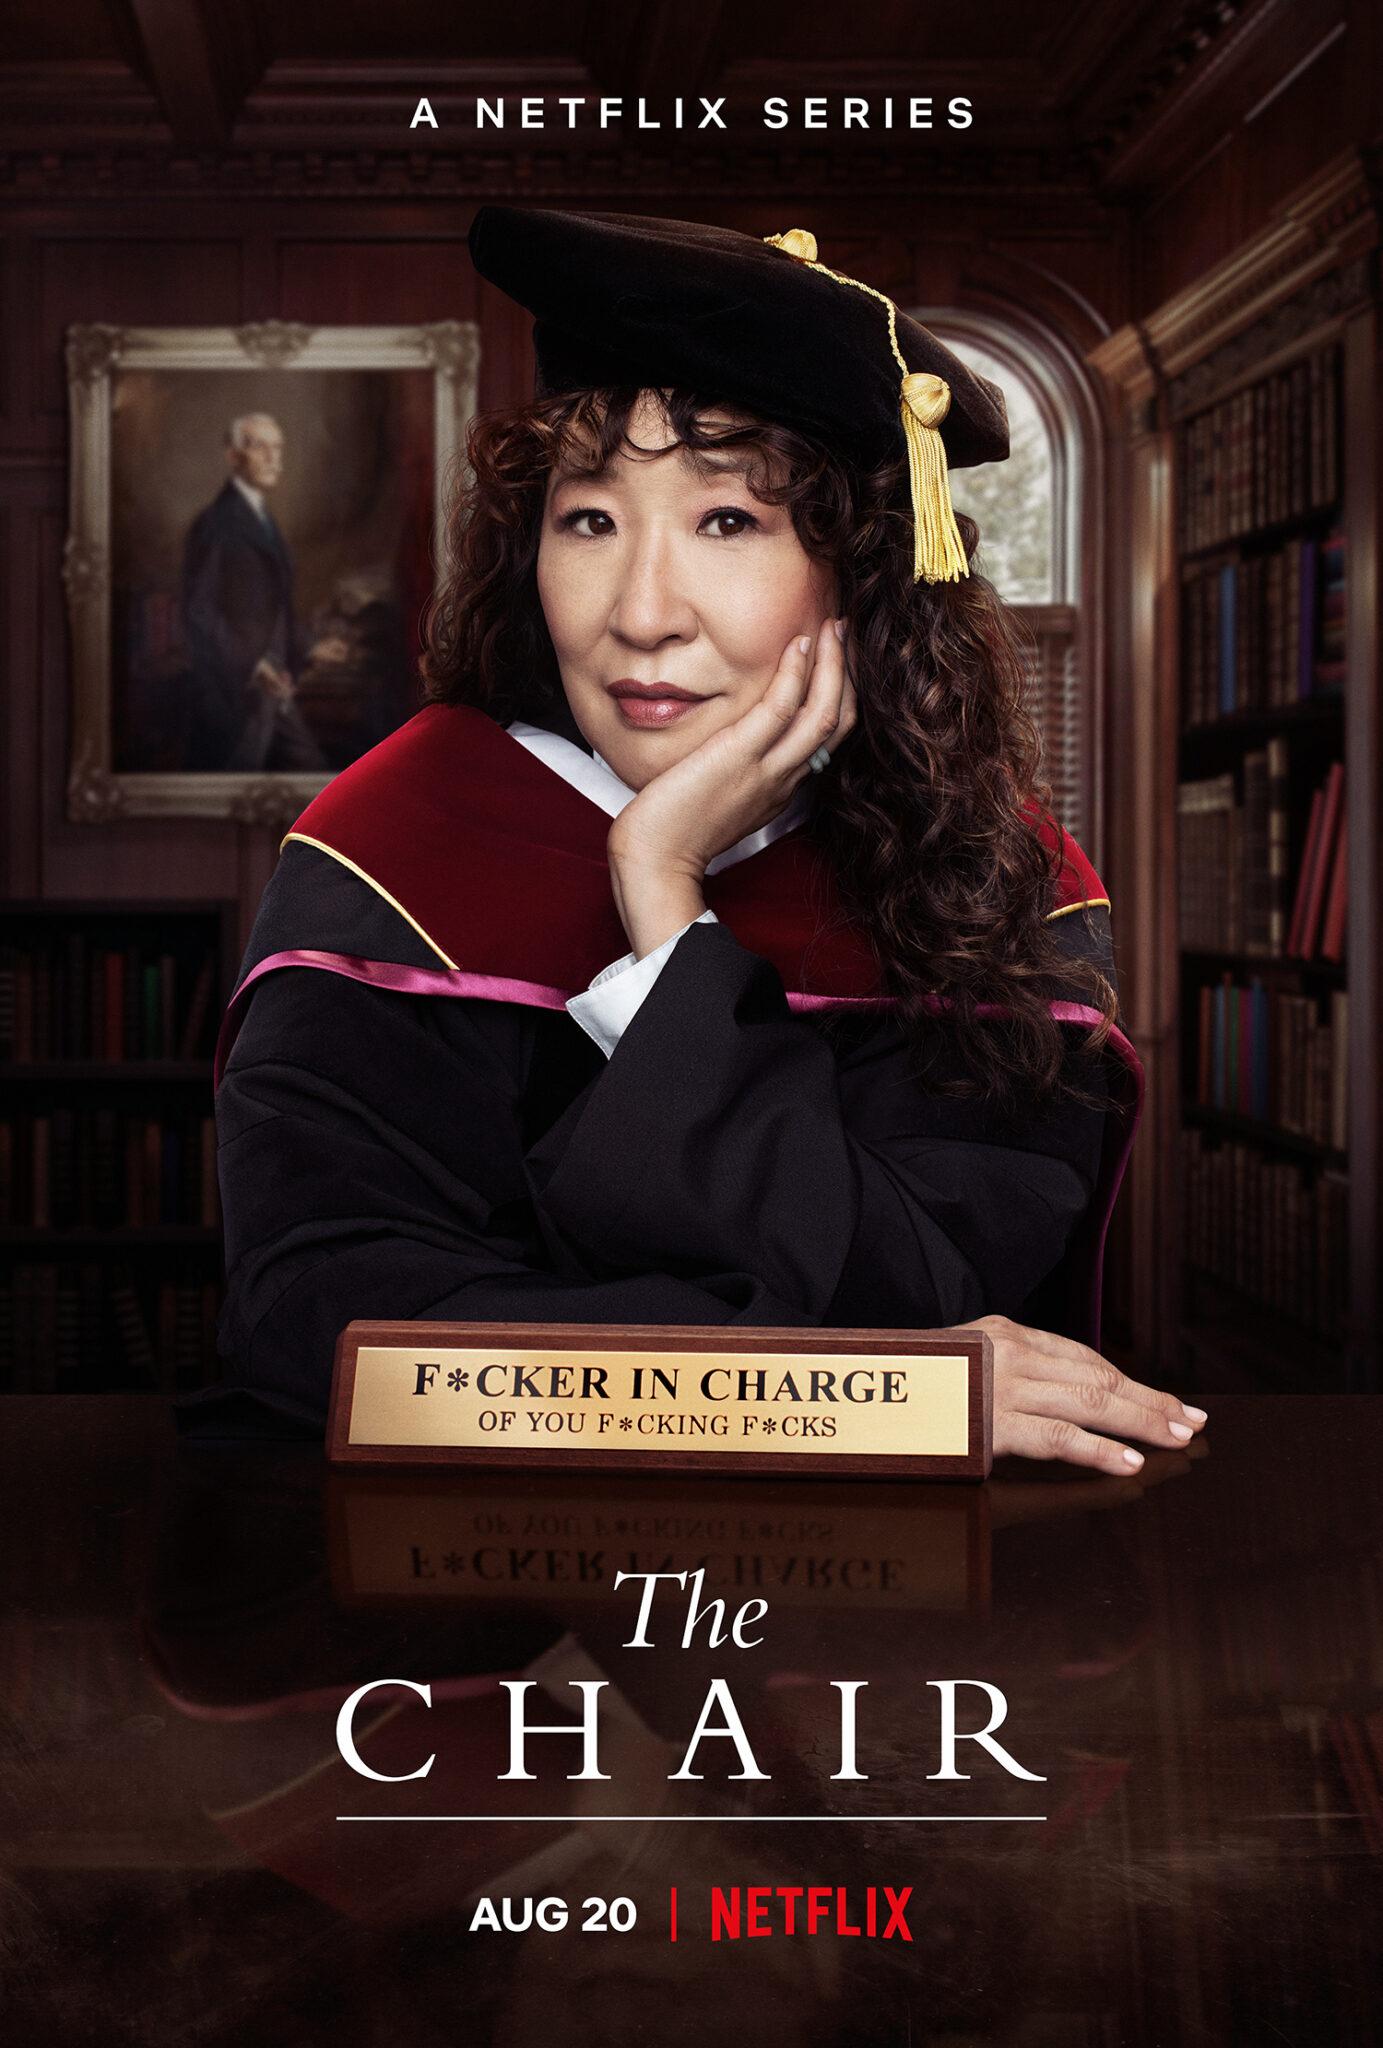 """Das englische Poster zur Serie zeigt Sandra Oh hinter dem Schreibtisch mit Kutte und Hut. Vor ihr steht ein Schild auf dem Tisch, auf dem steht """"F*CKER IN CHARGE - OF YOU F*CKING F*CKS"""""""